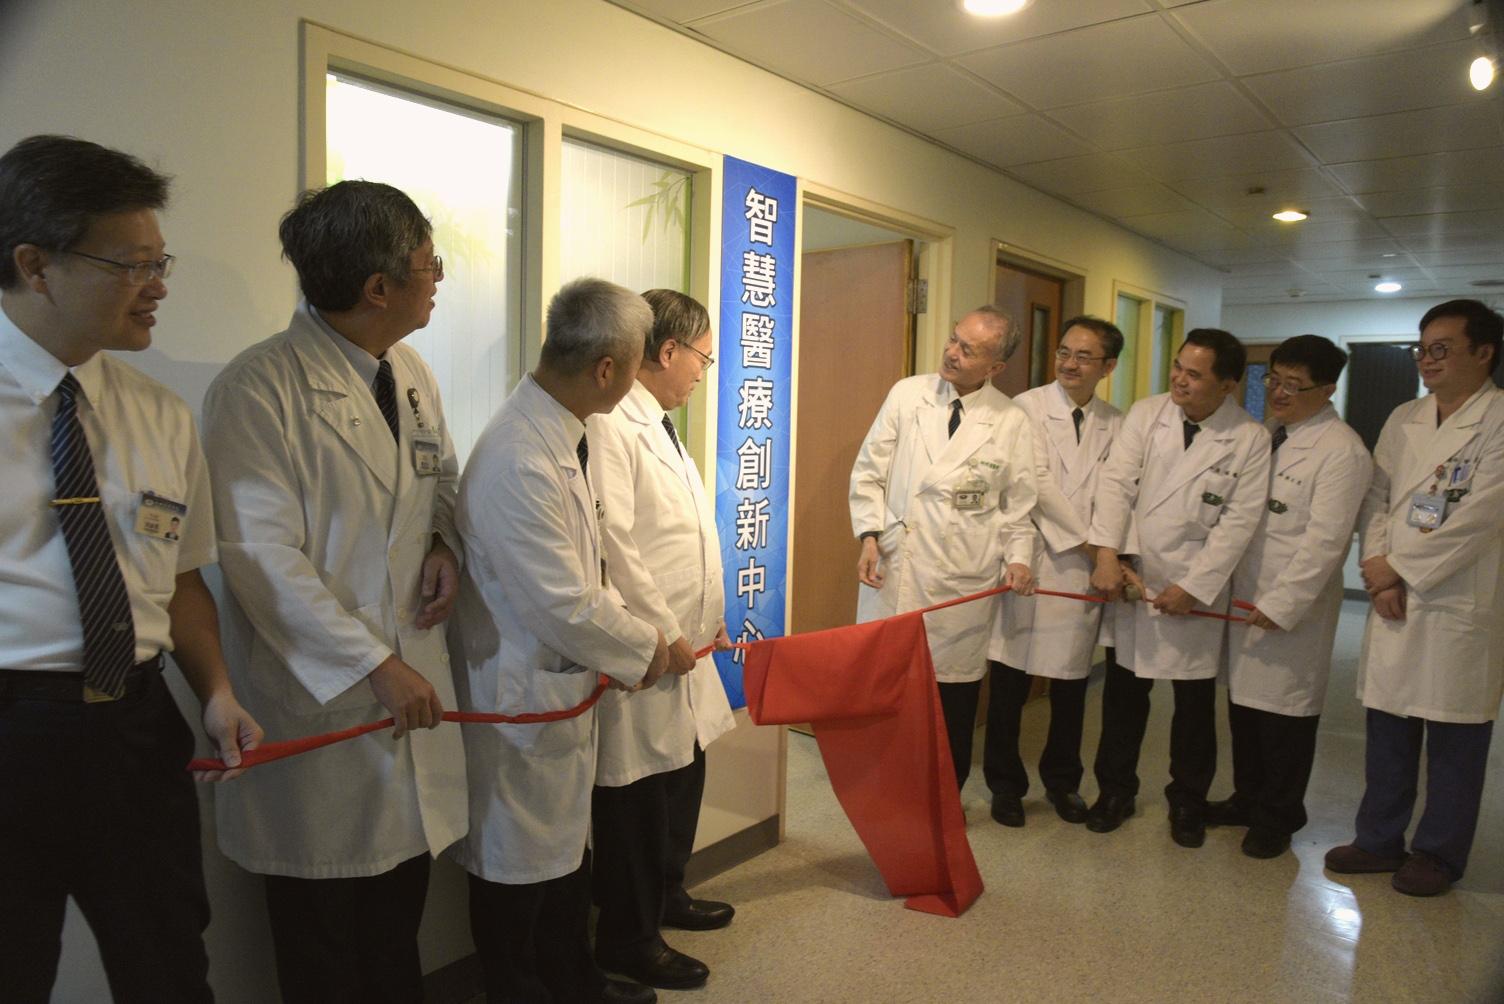 大林慈濟醫院在7日上午成立「智慧醫療創新中心」,慈濟醫療志業執行長林俊龍及院長賴寧生等共同揭牌,期許發展智慧醫療臨床應用。